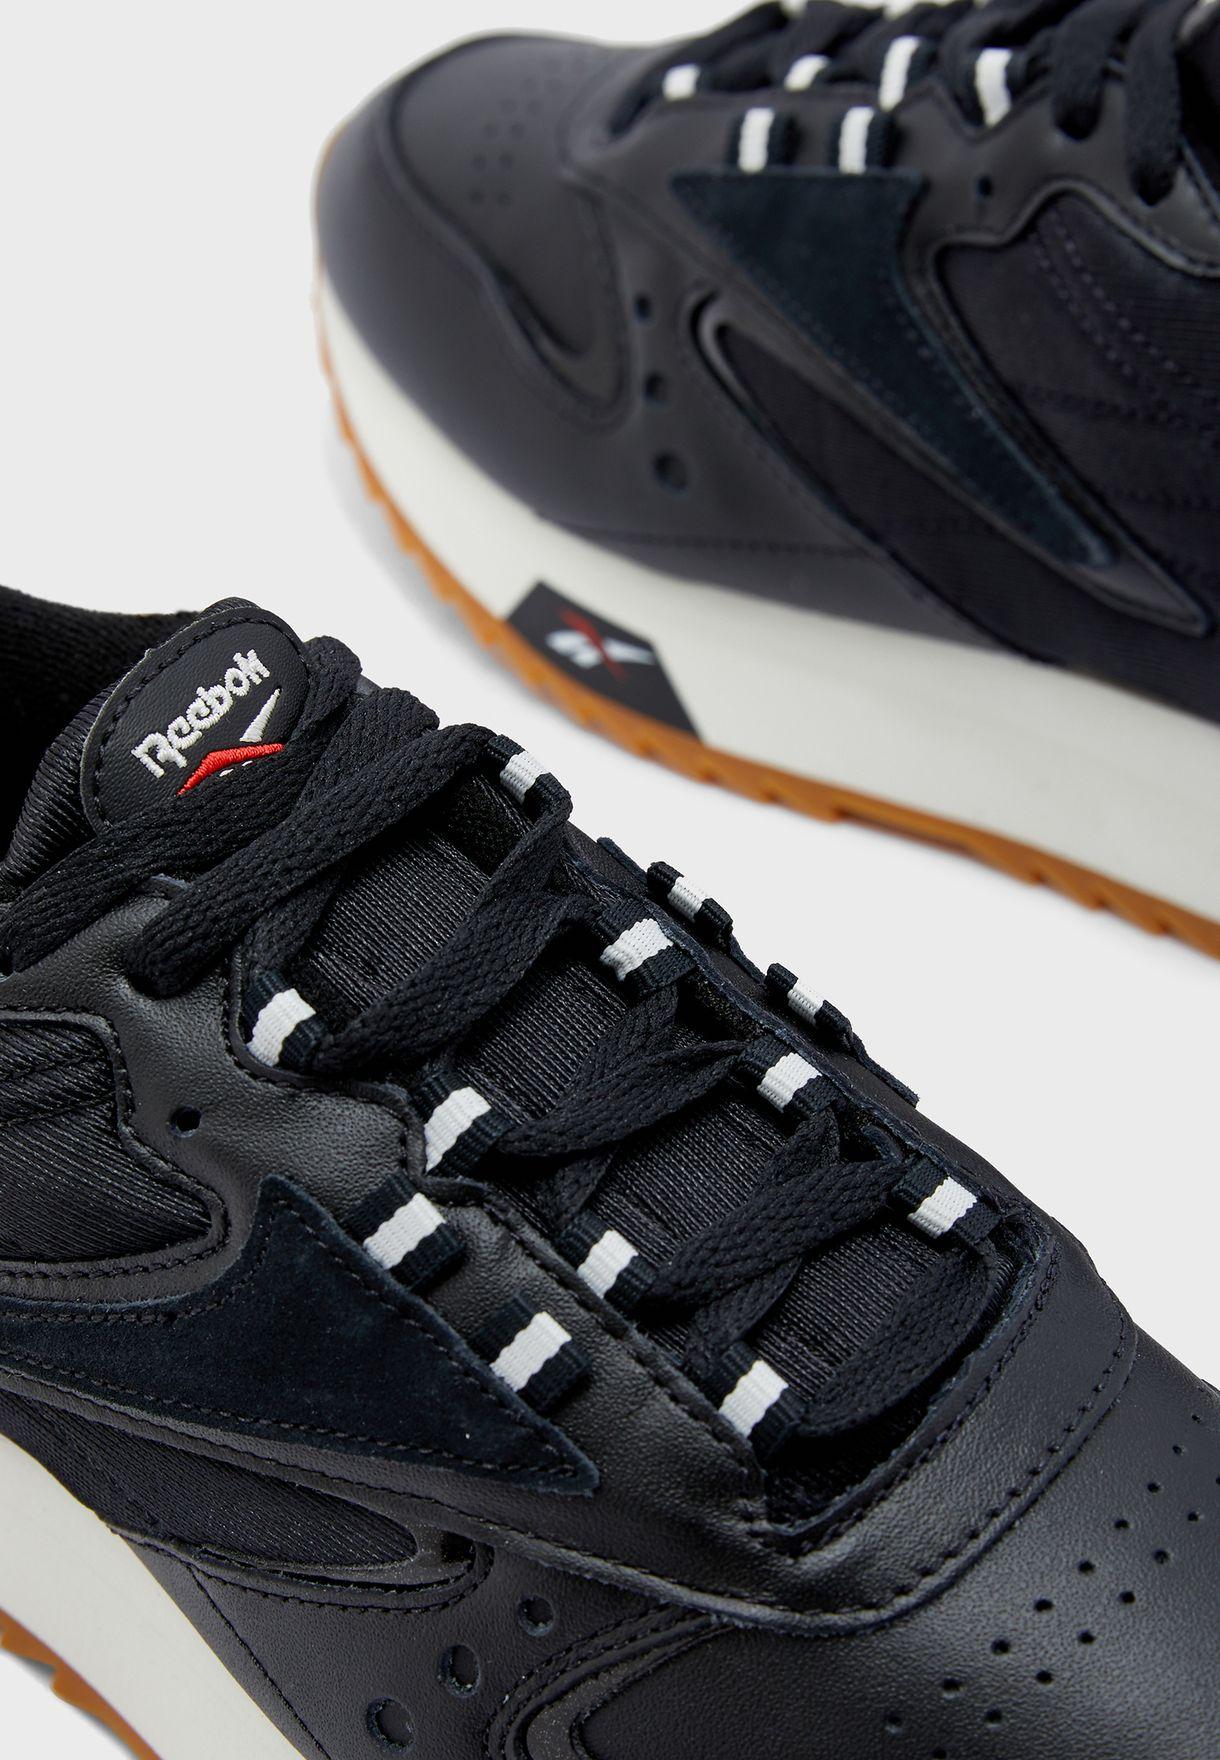 حذاء كلاسيك من مجموعة ريبوك زيغ كينيتيكا